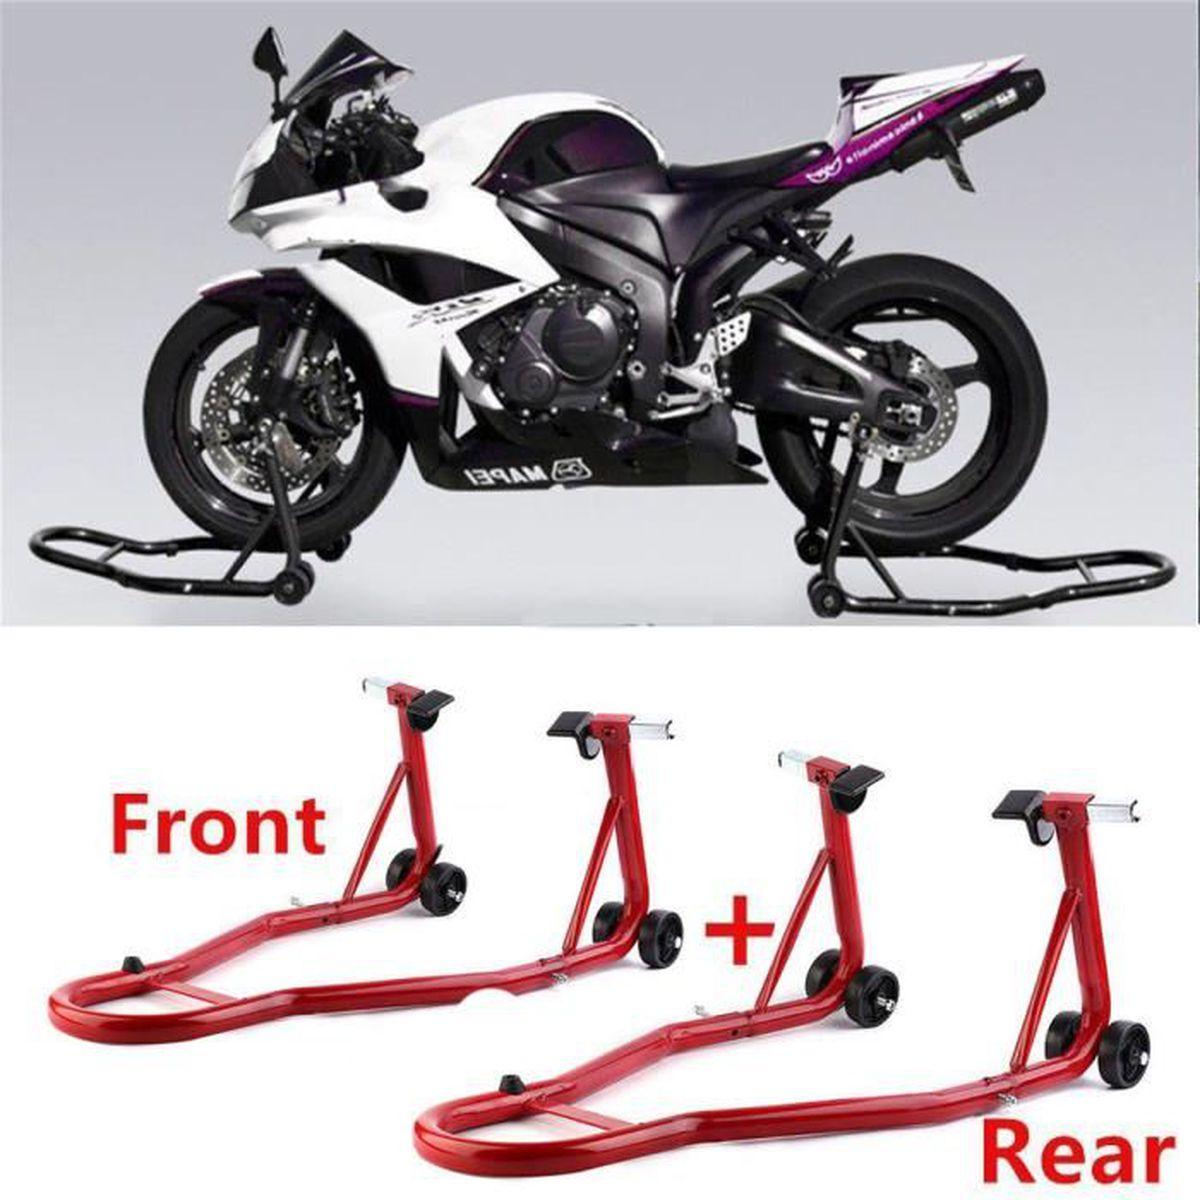 LÈVE-MOTO Support moto Roue arrière Pied de montage Support